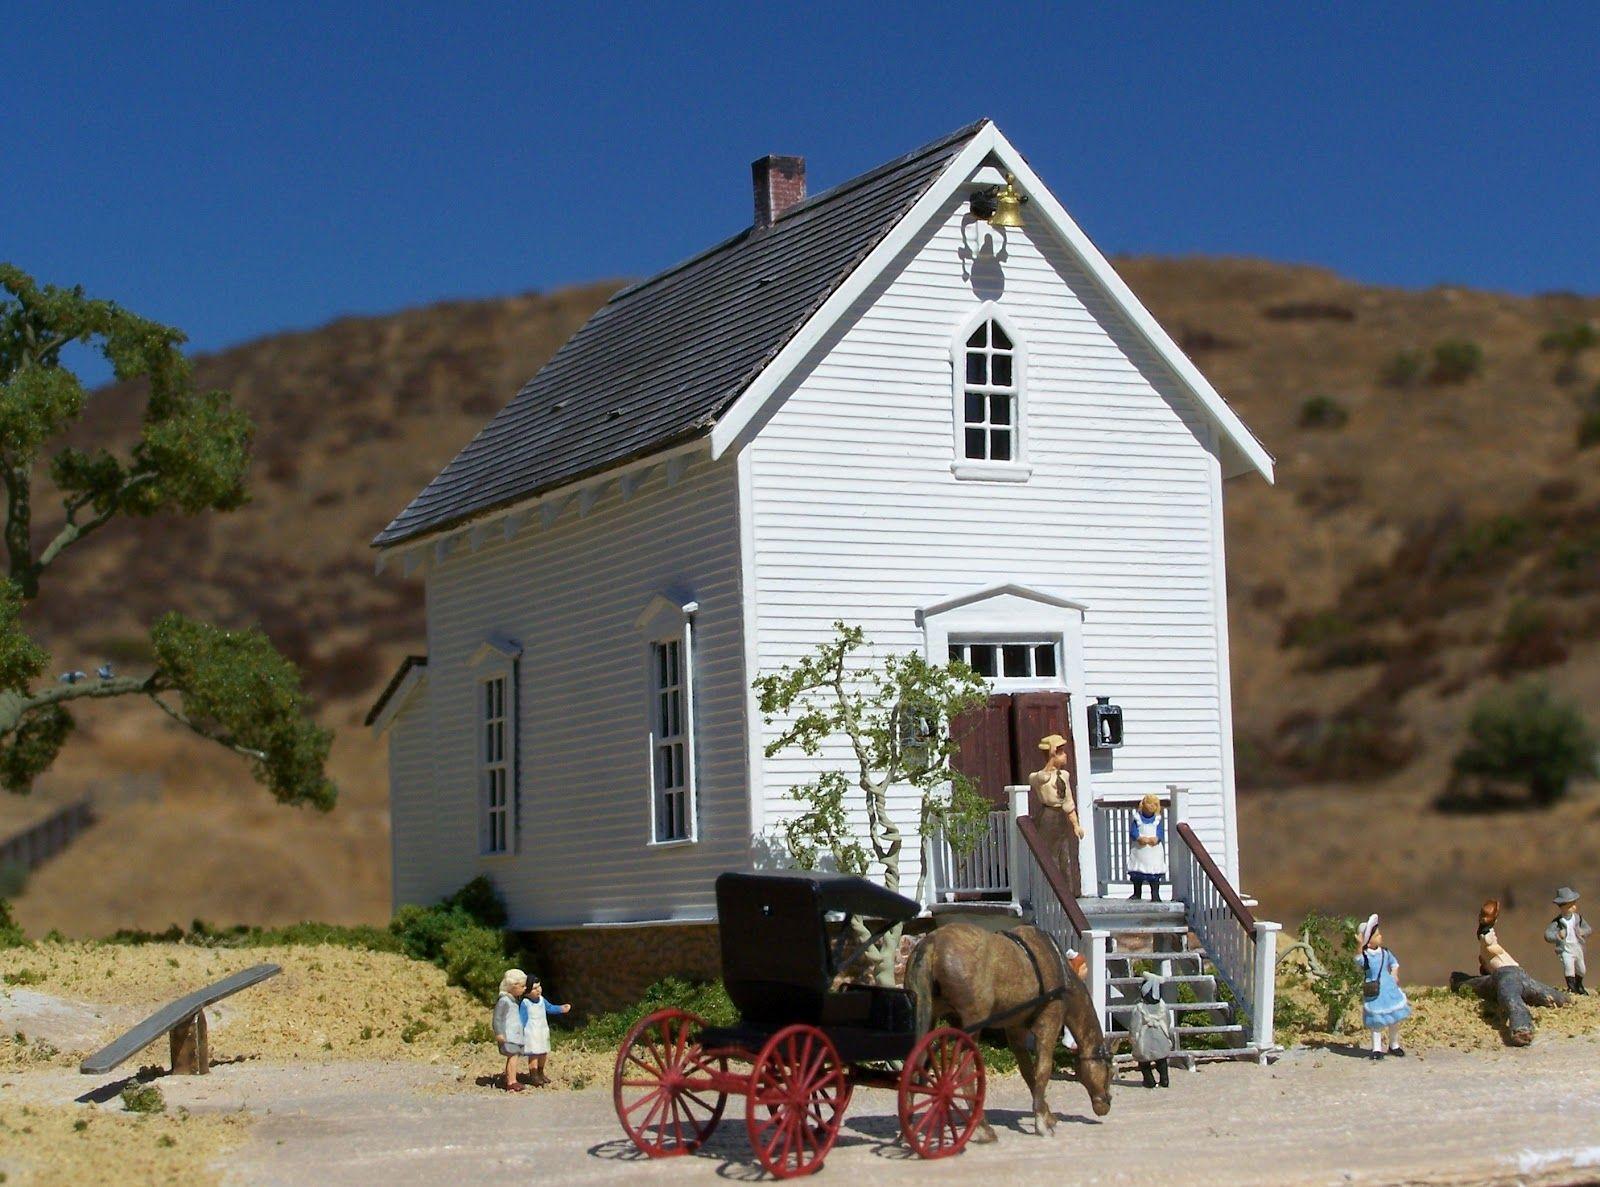 Little House On The Prairie School